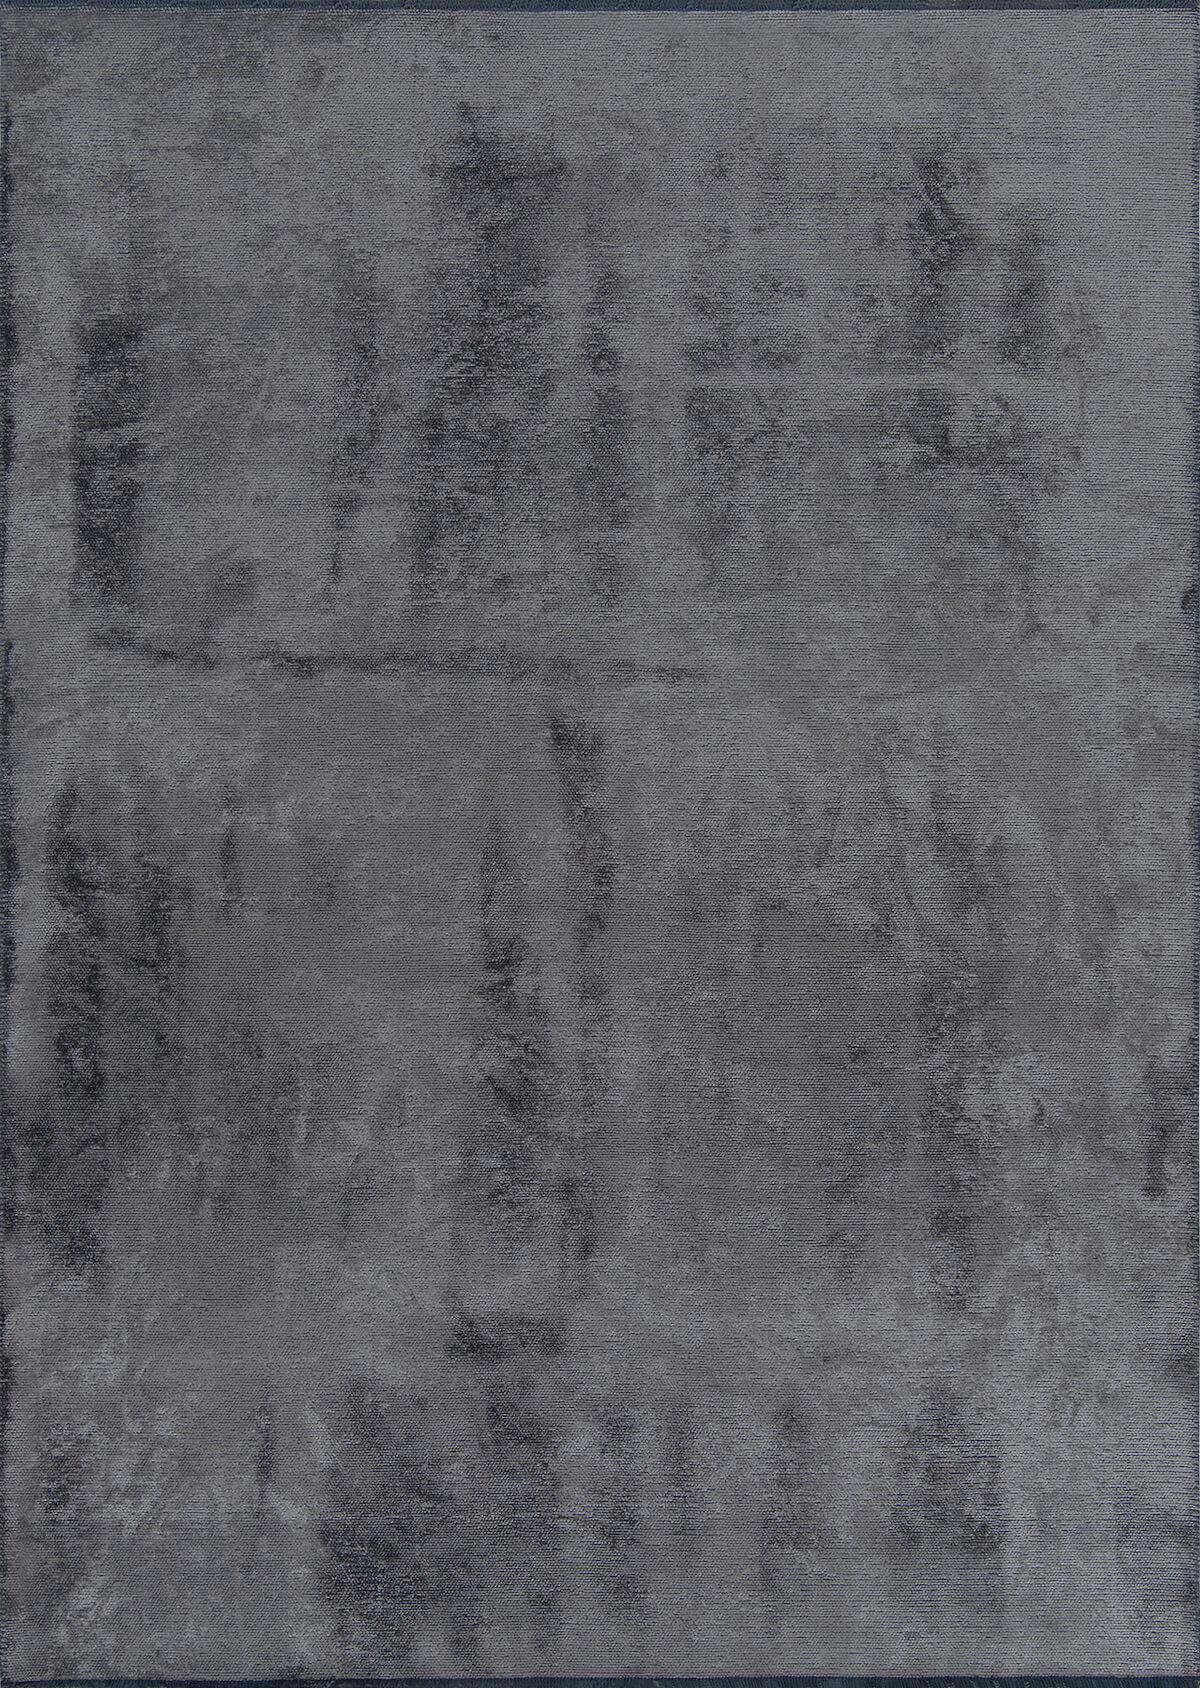 PALERMO KİLİM 5401 GRİ Mutfak Kilim Dekoratif Kilim